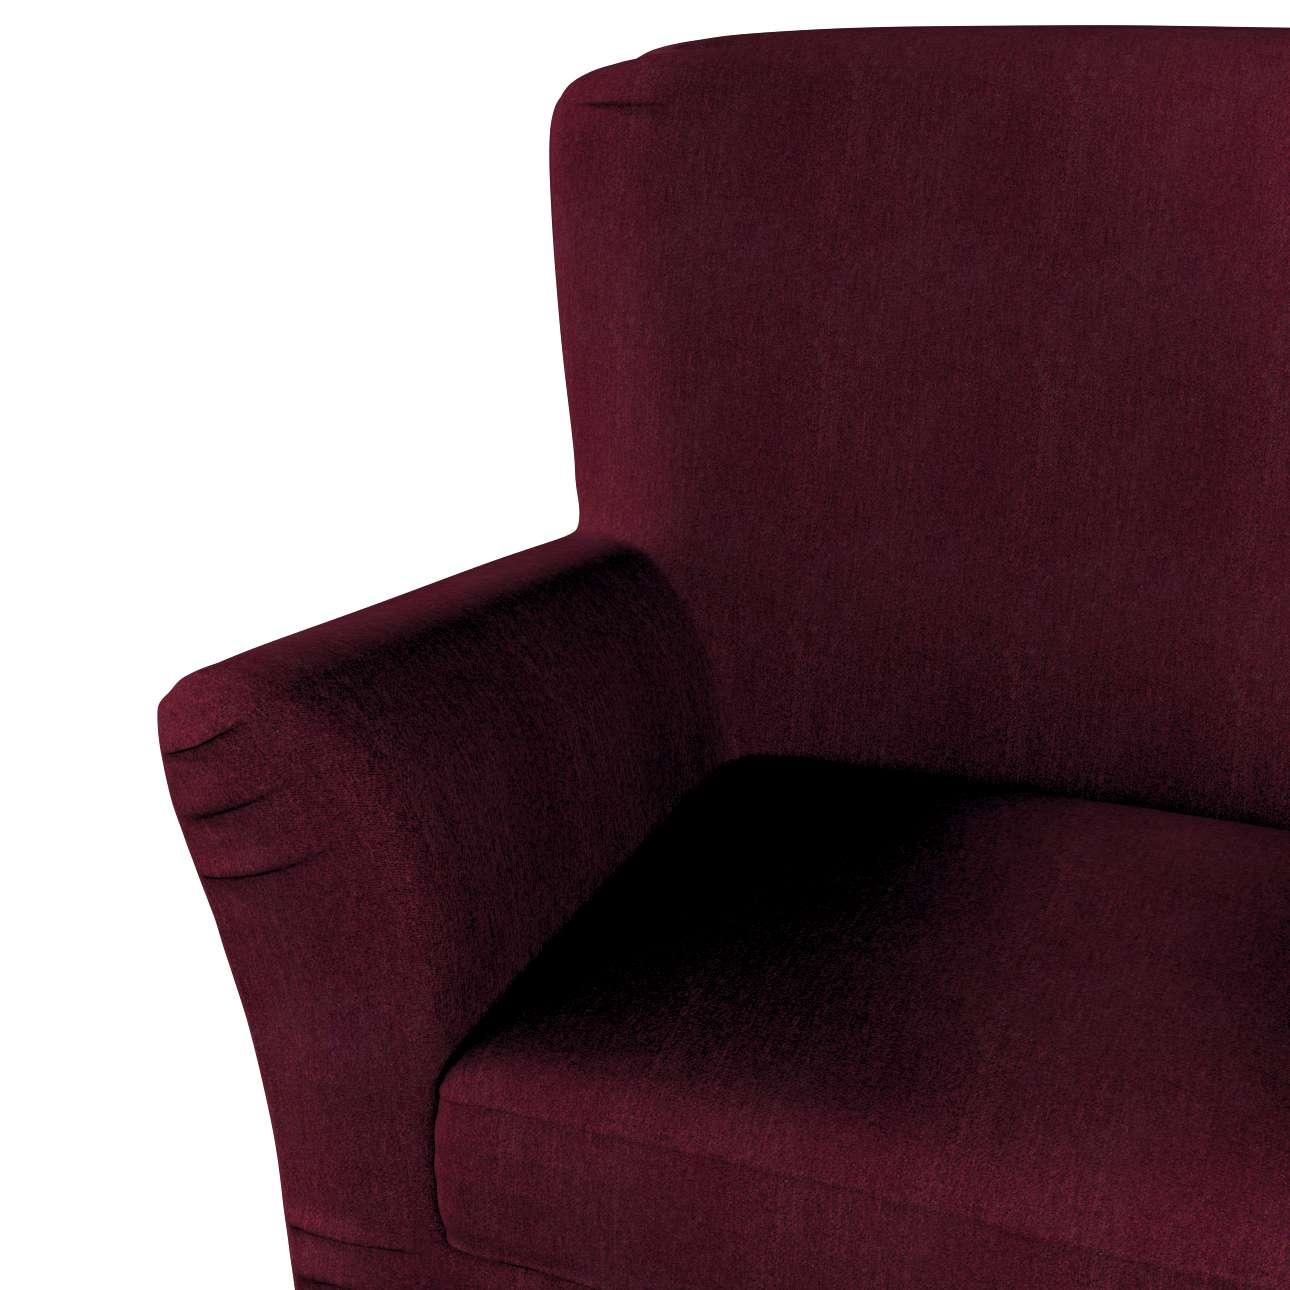 IKEA stoelhoes voor Tomelilla stoel van de collectie Chenille, Stof: 702-19